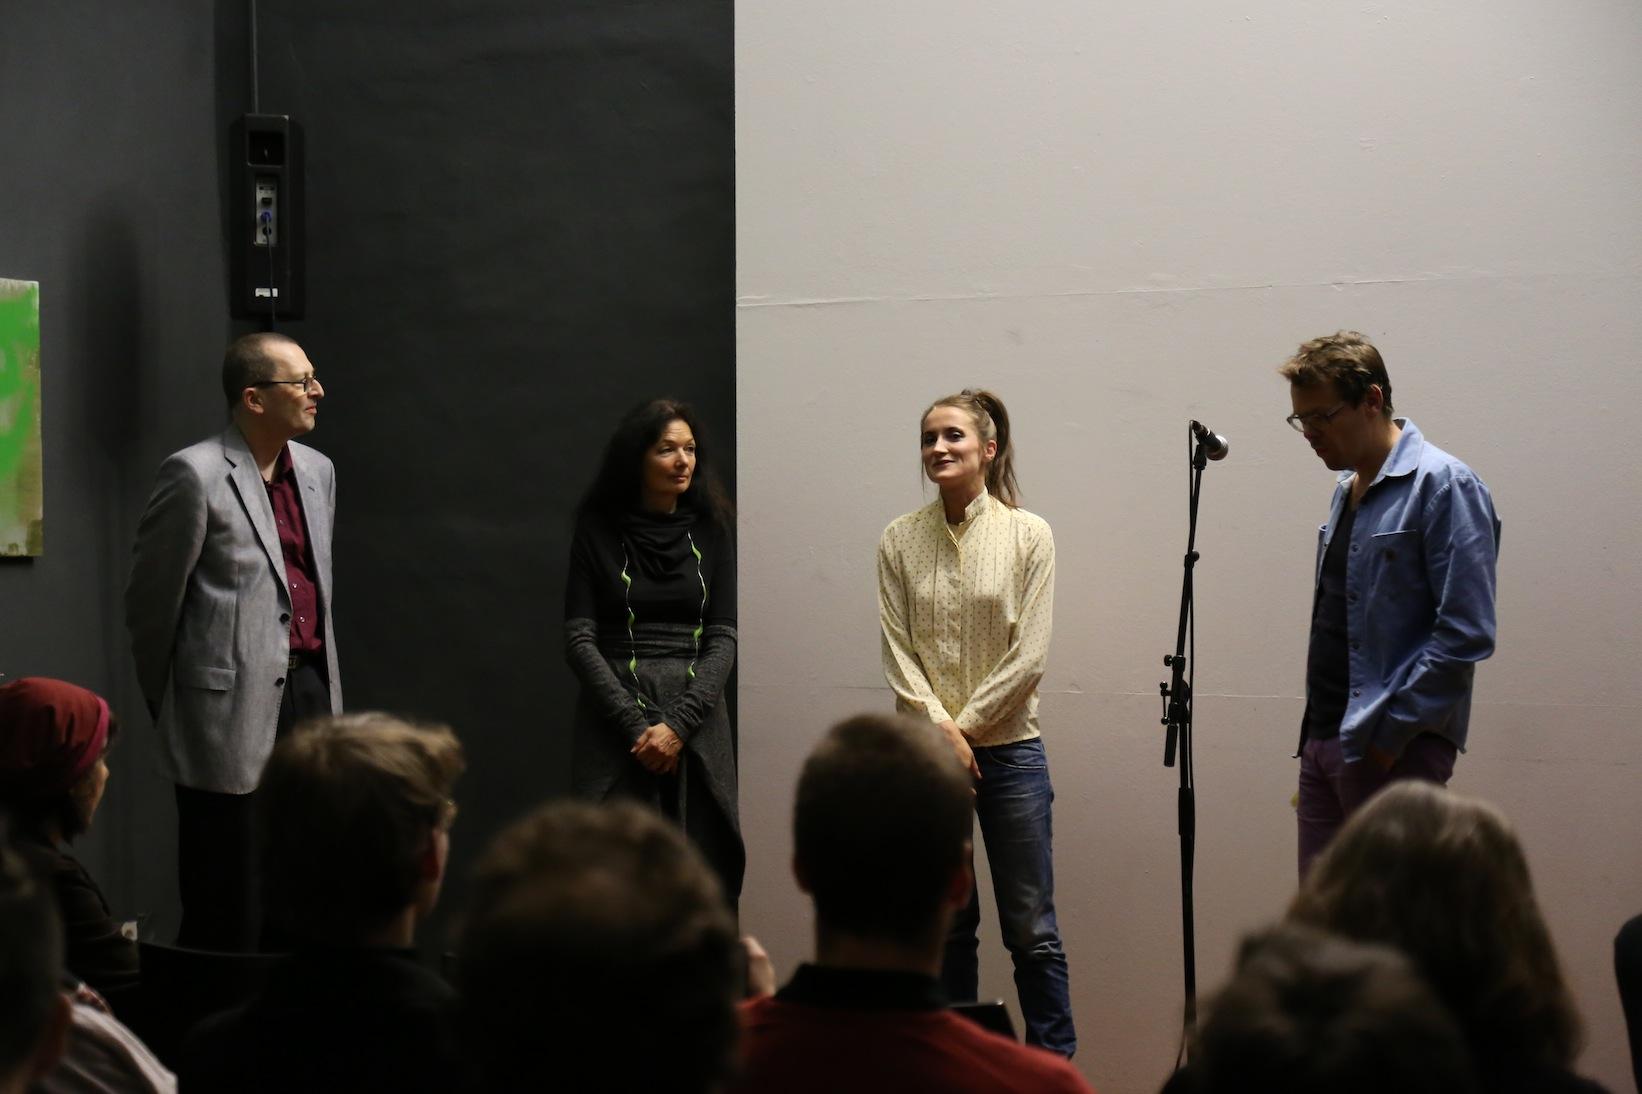 Daniel Mayer, Birgit Pölzl, Caroline Profanter, Markus Köhle